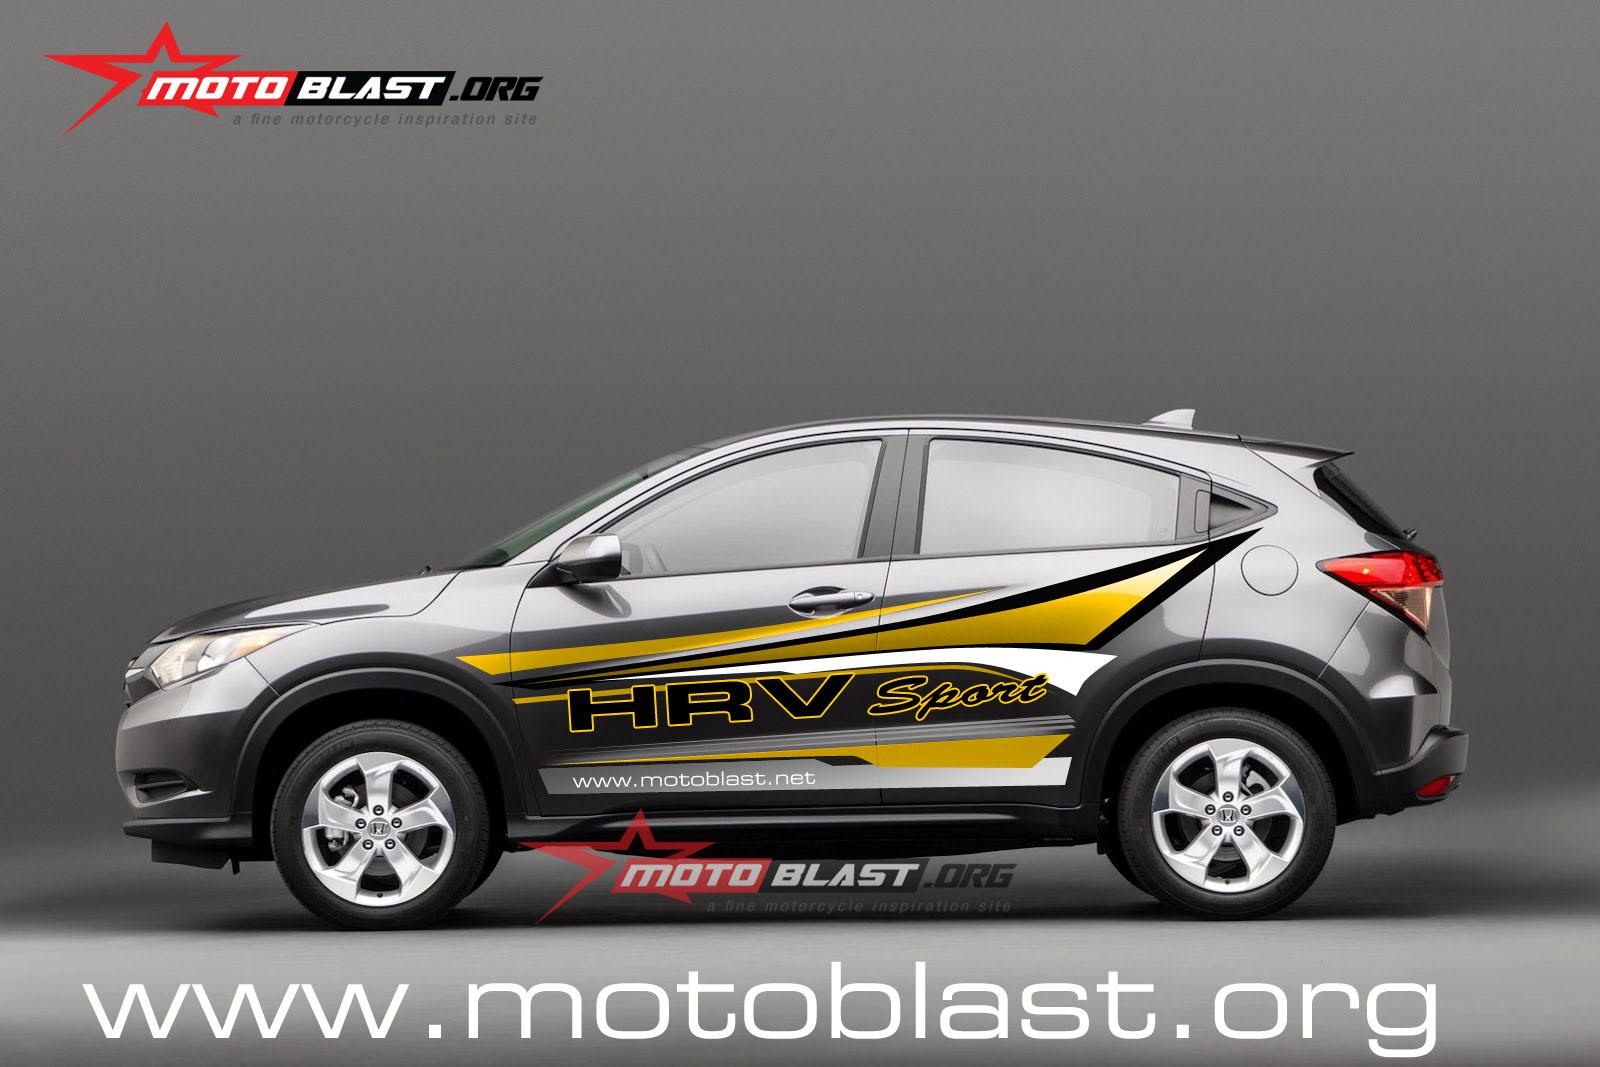 hot car series grafis modif striping mobil honda hrv silver hrv sport juos gandoss motoblast. Black Bedroom Furniture Sets. Home Design Ideas